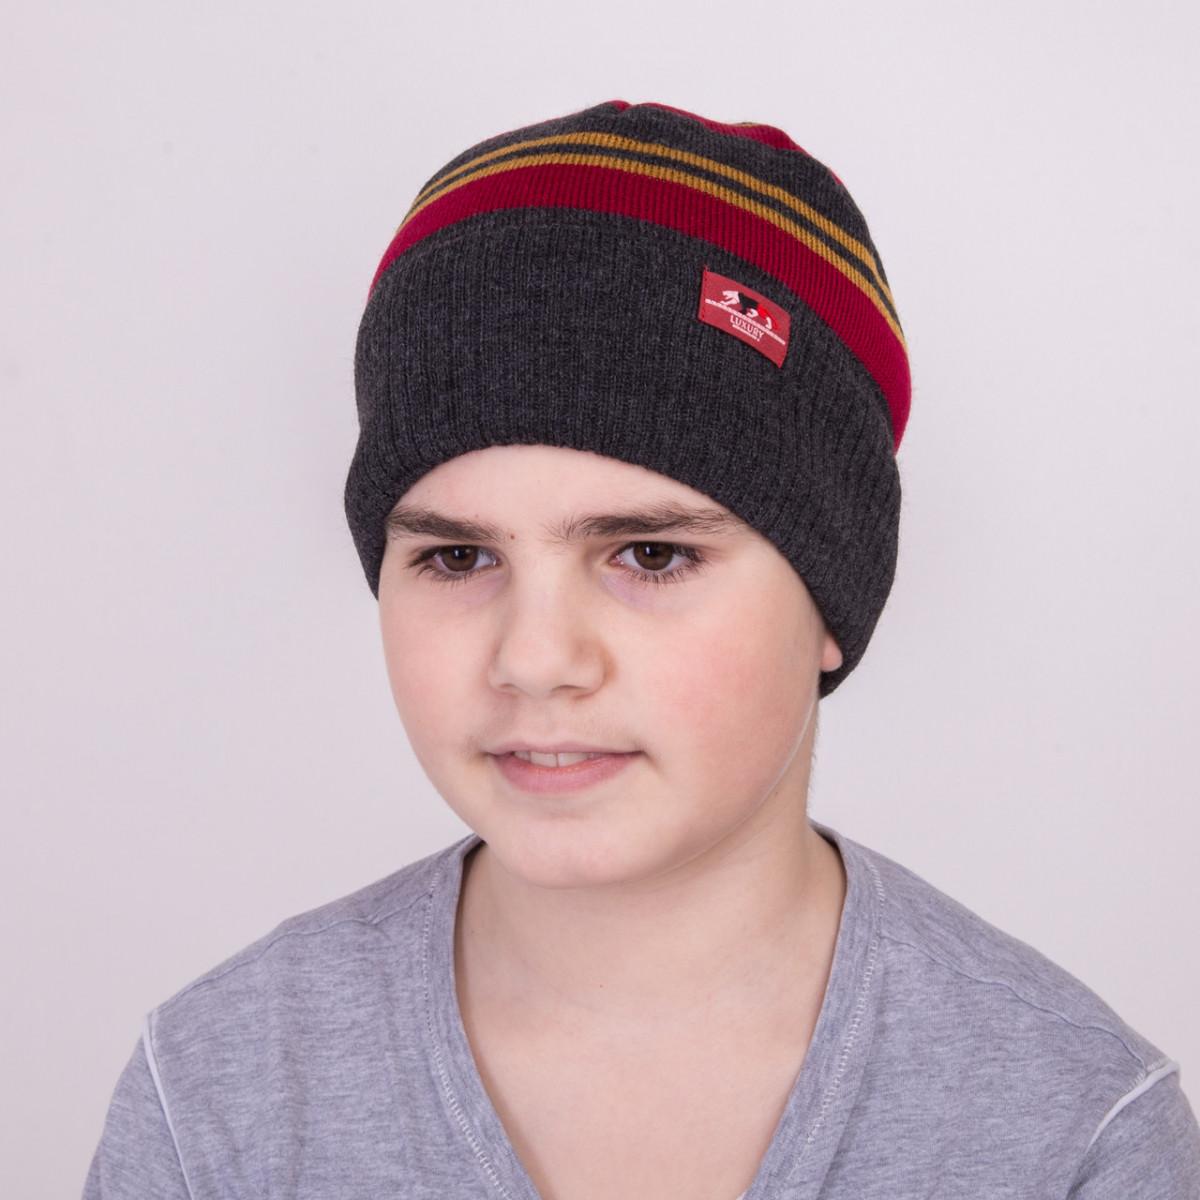 Шапка для мальчика на весну с подгибом - Артикул 1183